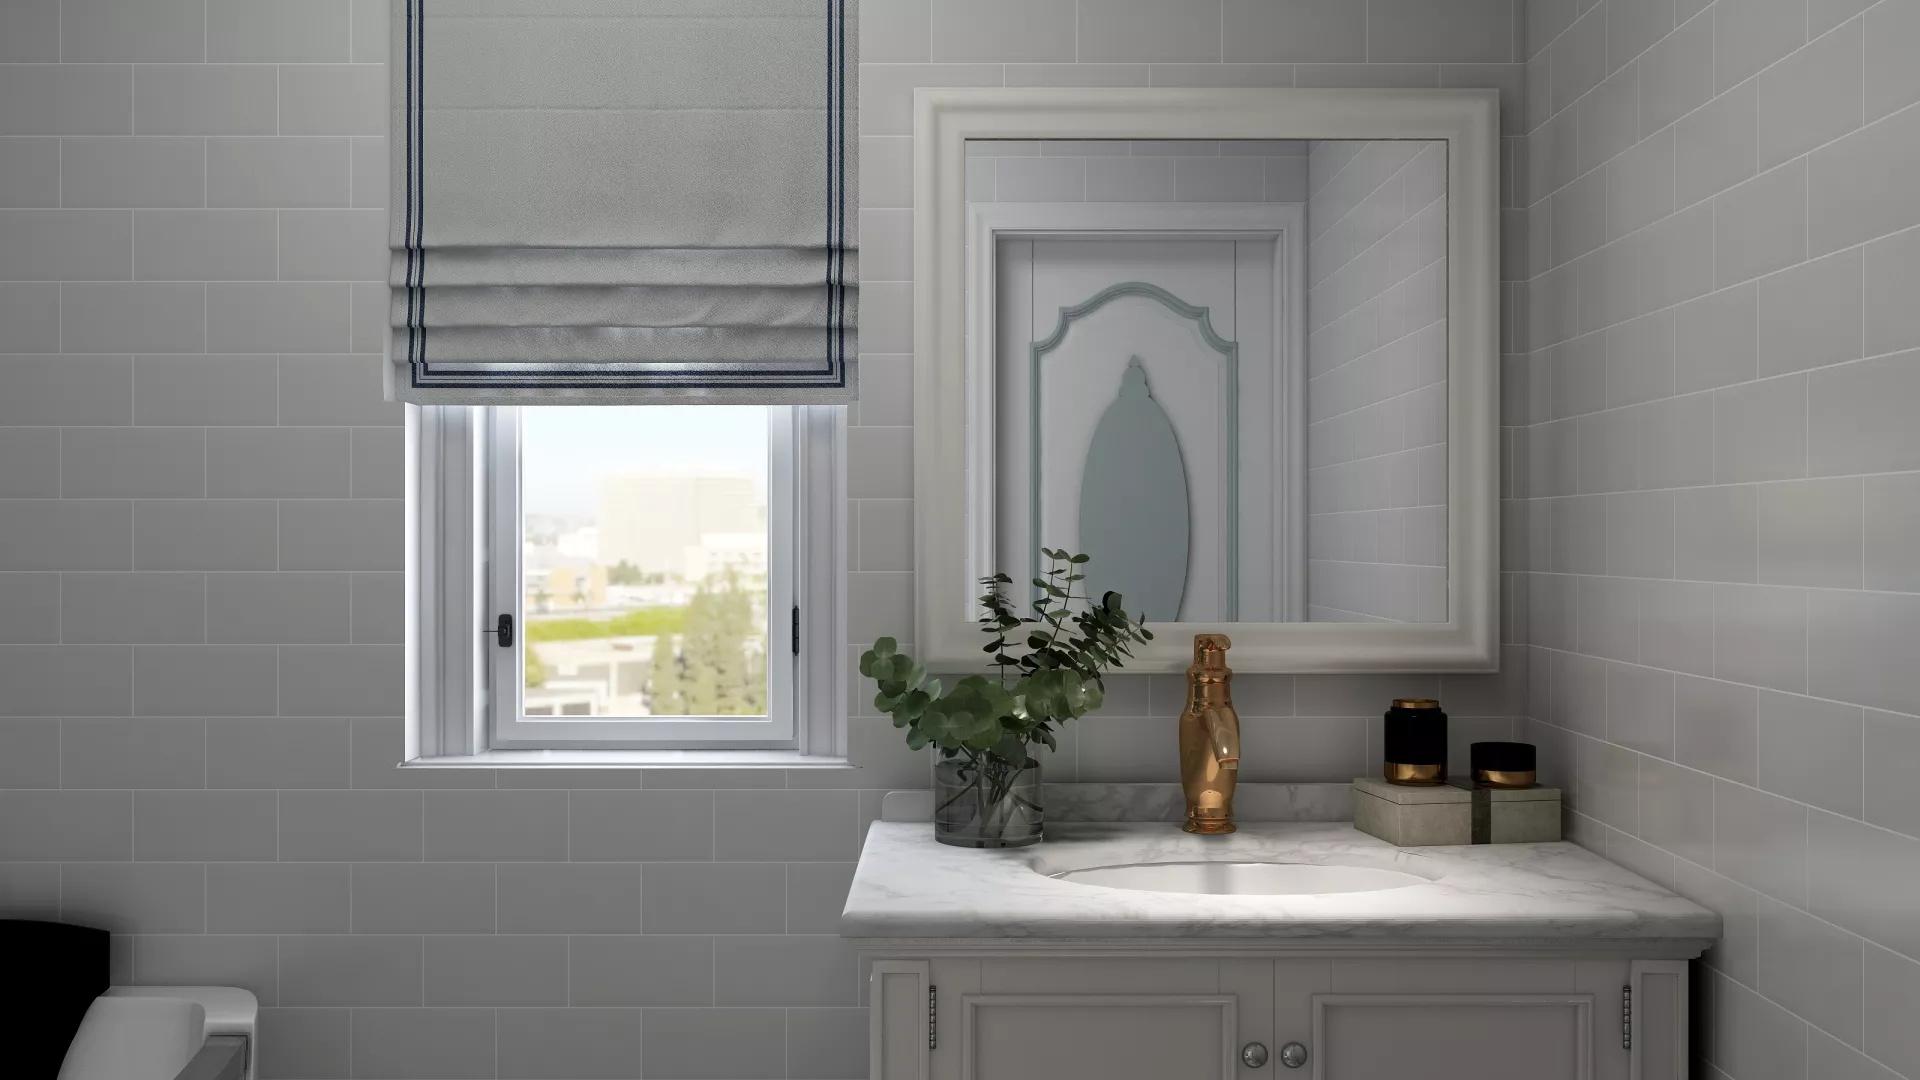 家用凈水器使用注意事項 凈水器使用要注意哪些事項